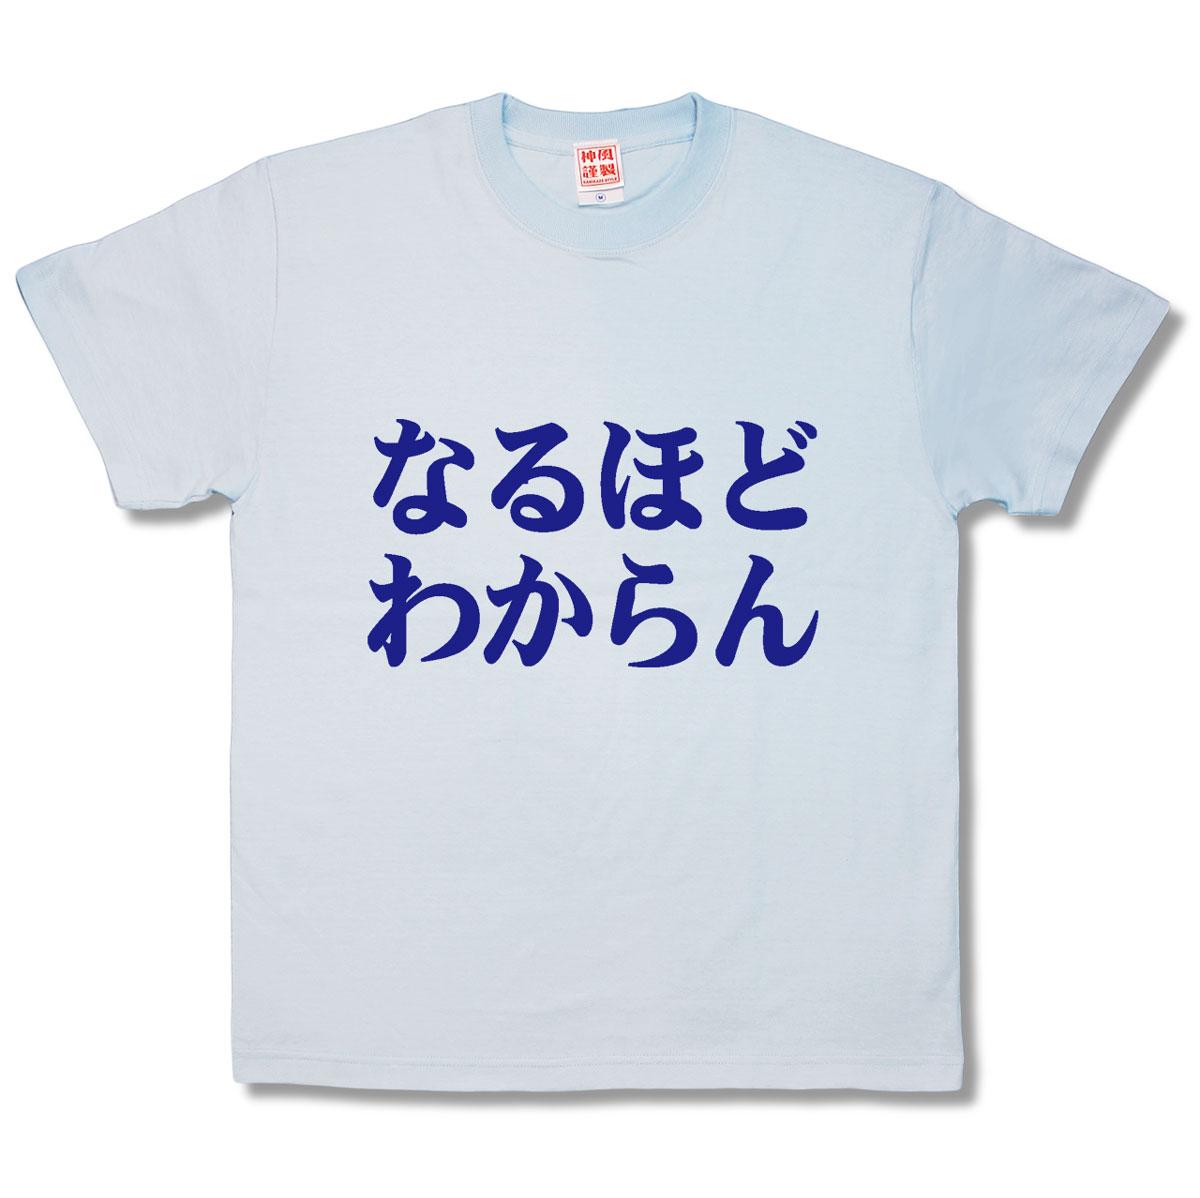 【ふざけTシャツ】なるほどわからん